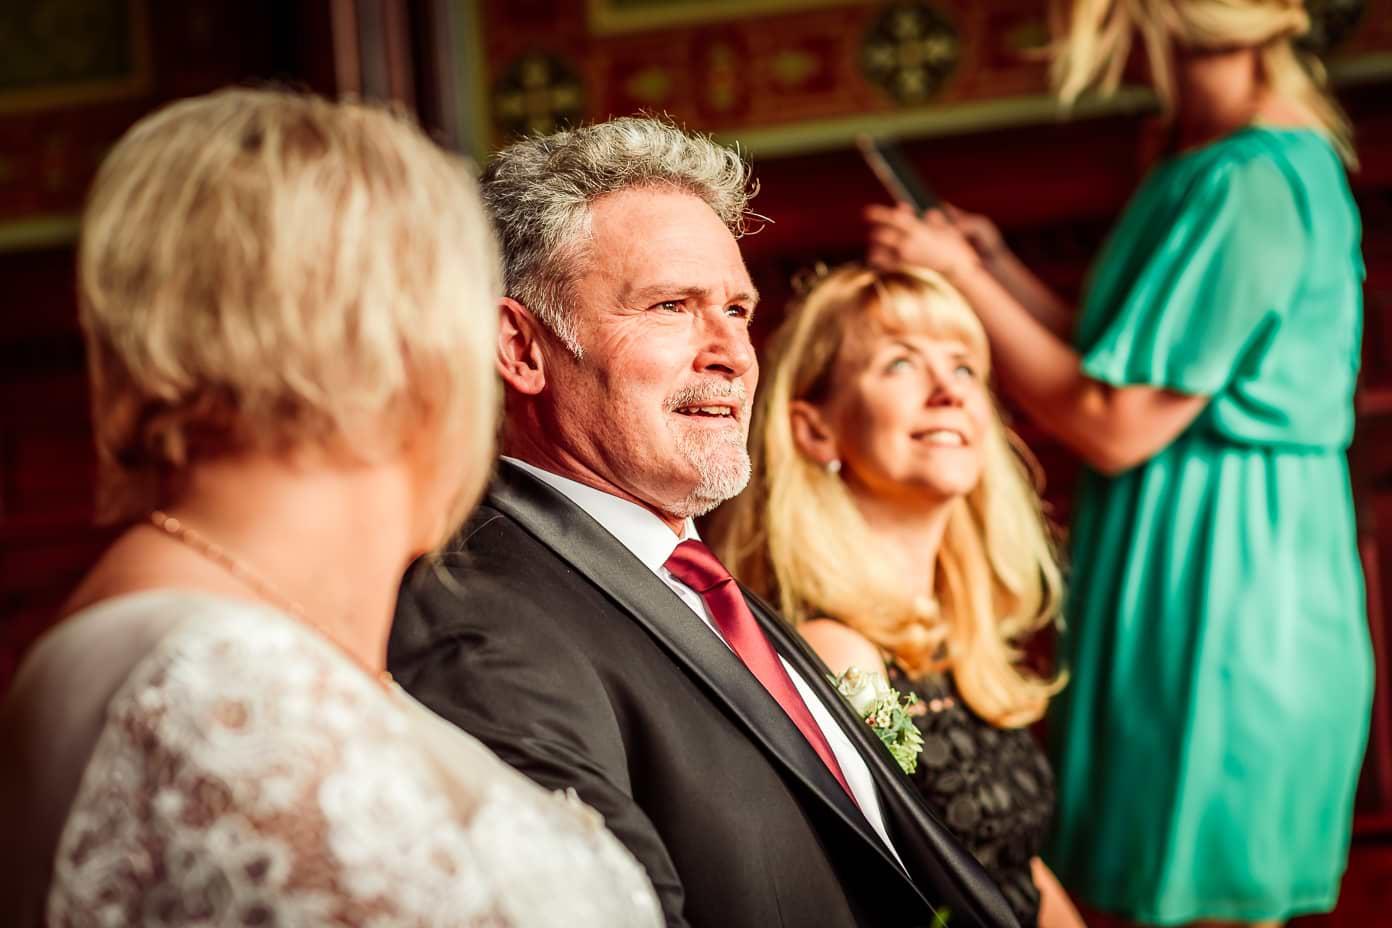 Bräutigam bei der Trauung